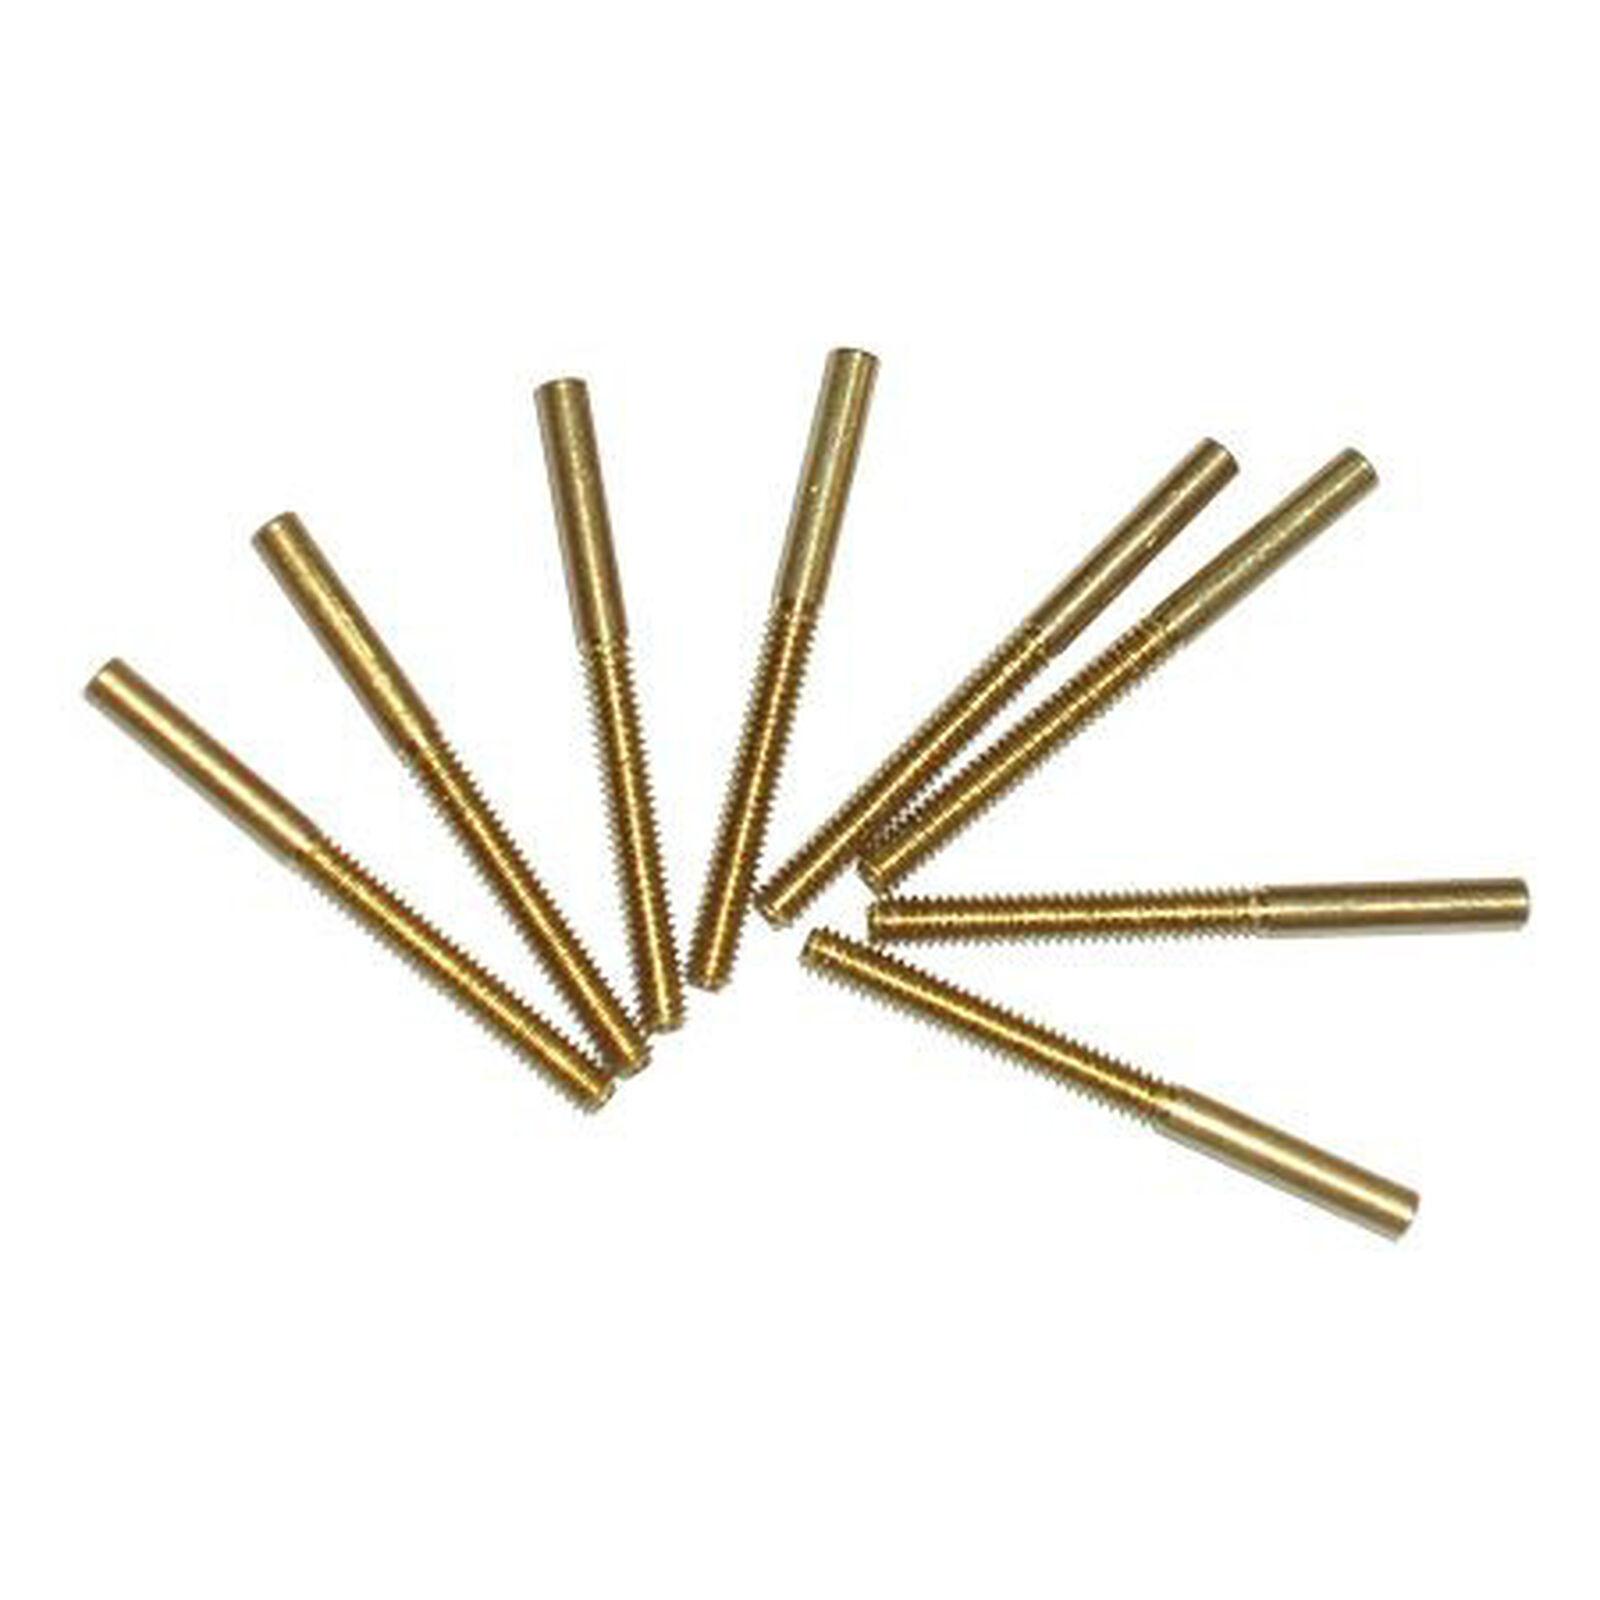 Threaded Brass Coupler,2-56(8)